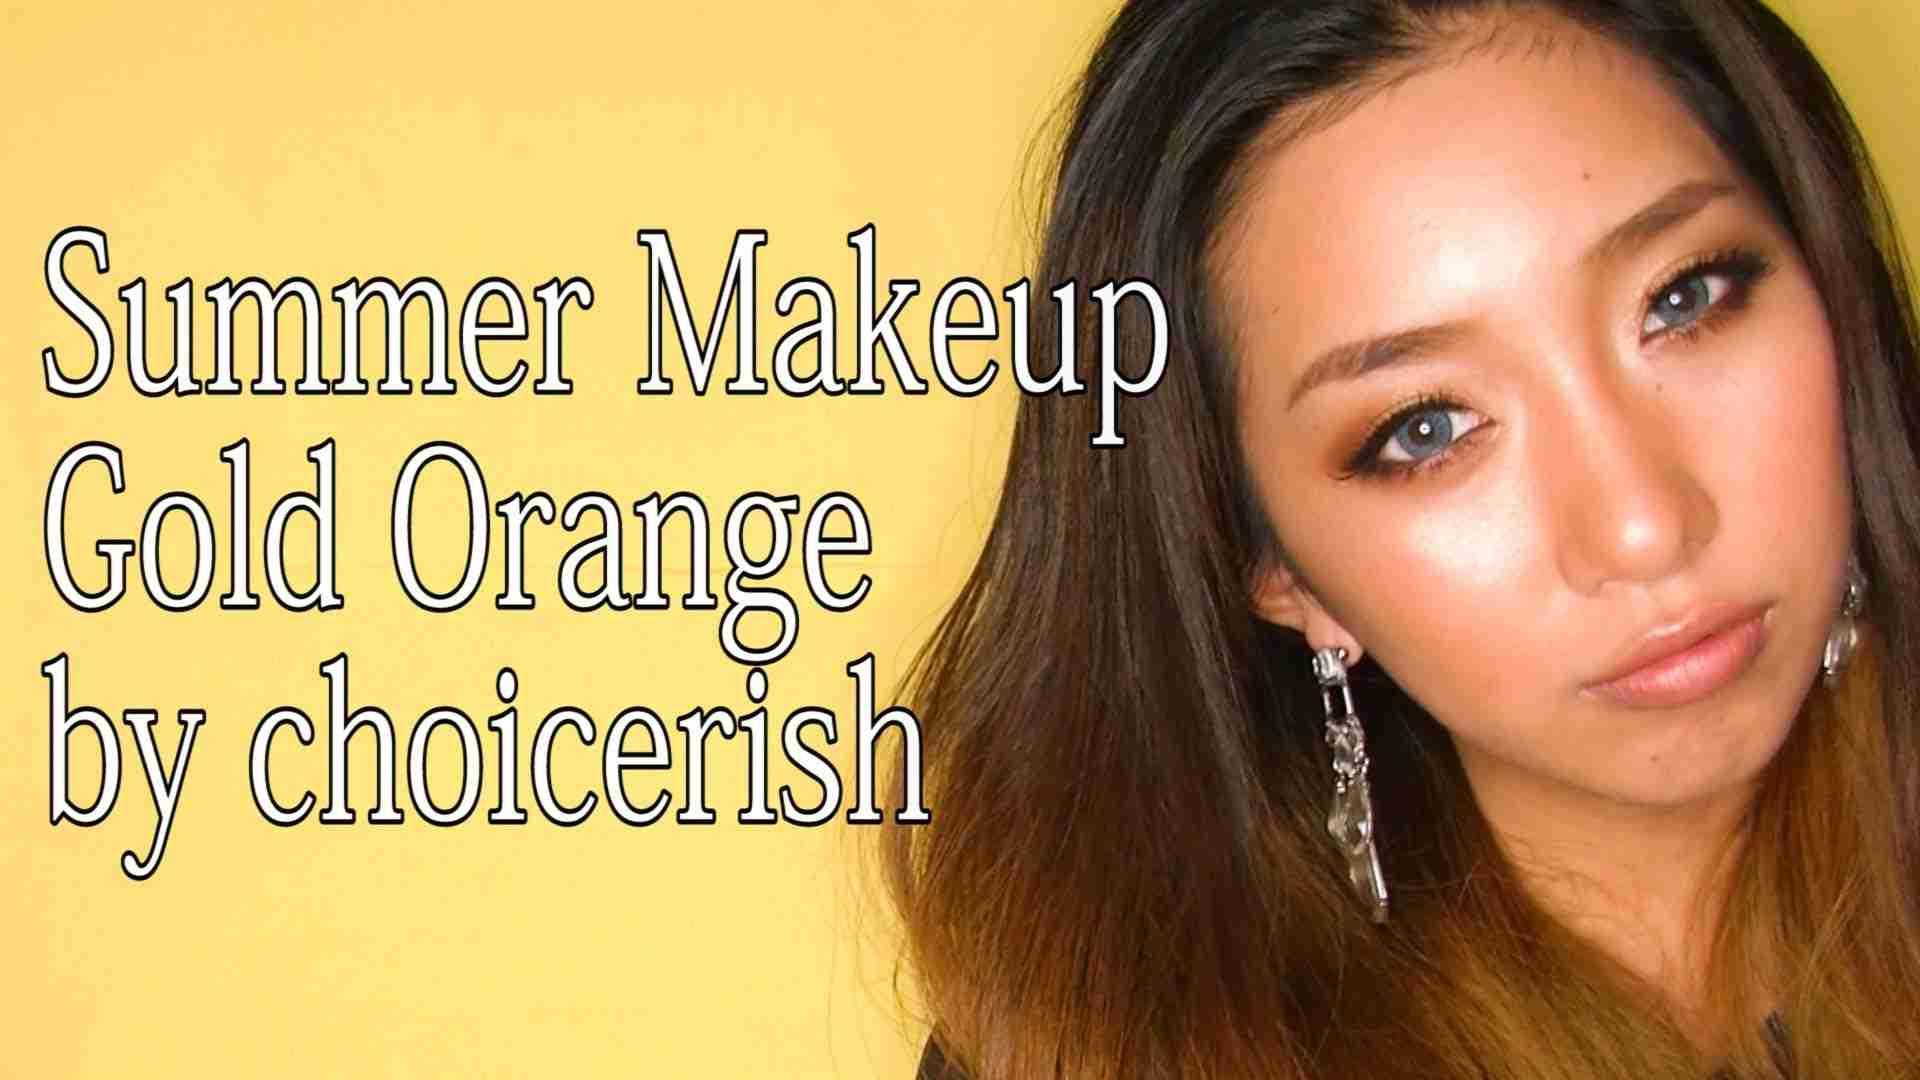 夏のオレンジゴールドメイク/Summer Makeup; Gold Orange - YouTube